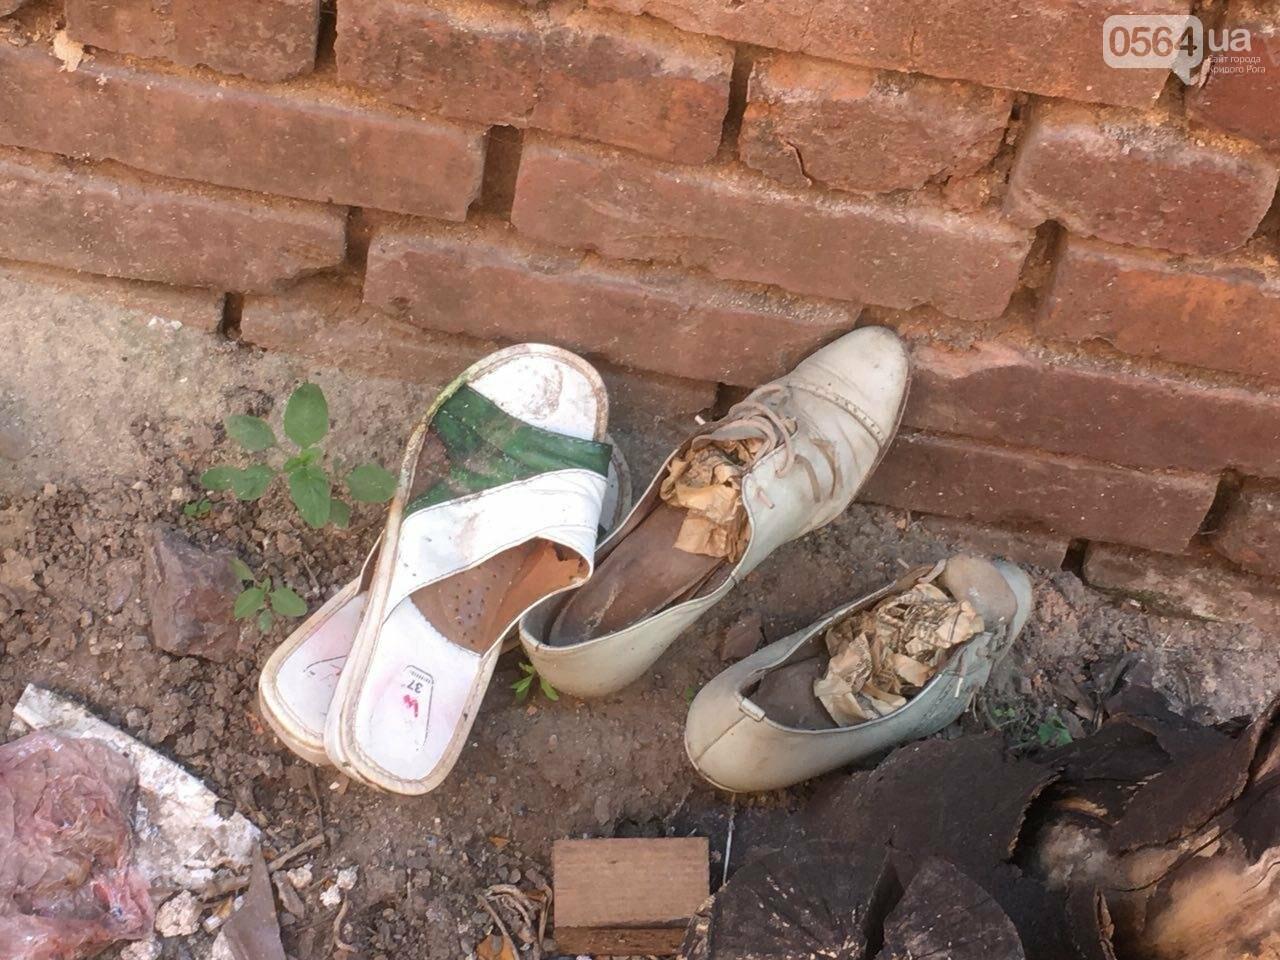 Криворожане помогли бездомной пожилой женщине, проживавшей за мусорными контейнерами, - ФОТО, ВИДЕО , фото-5